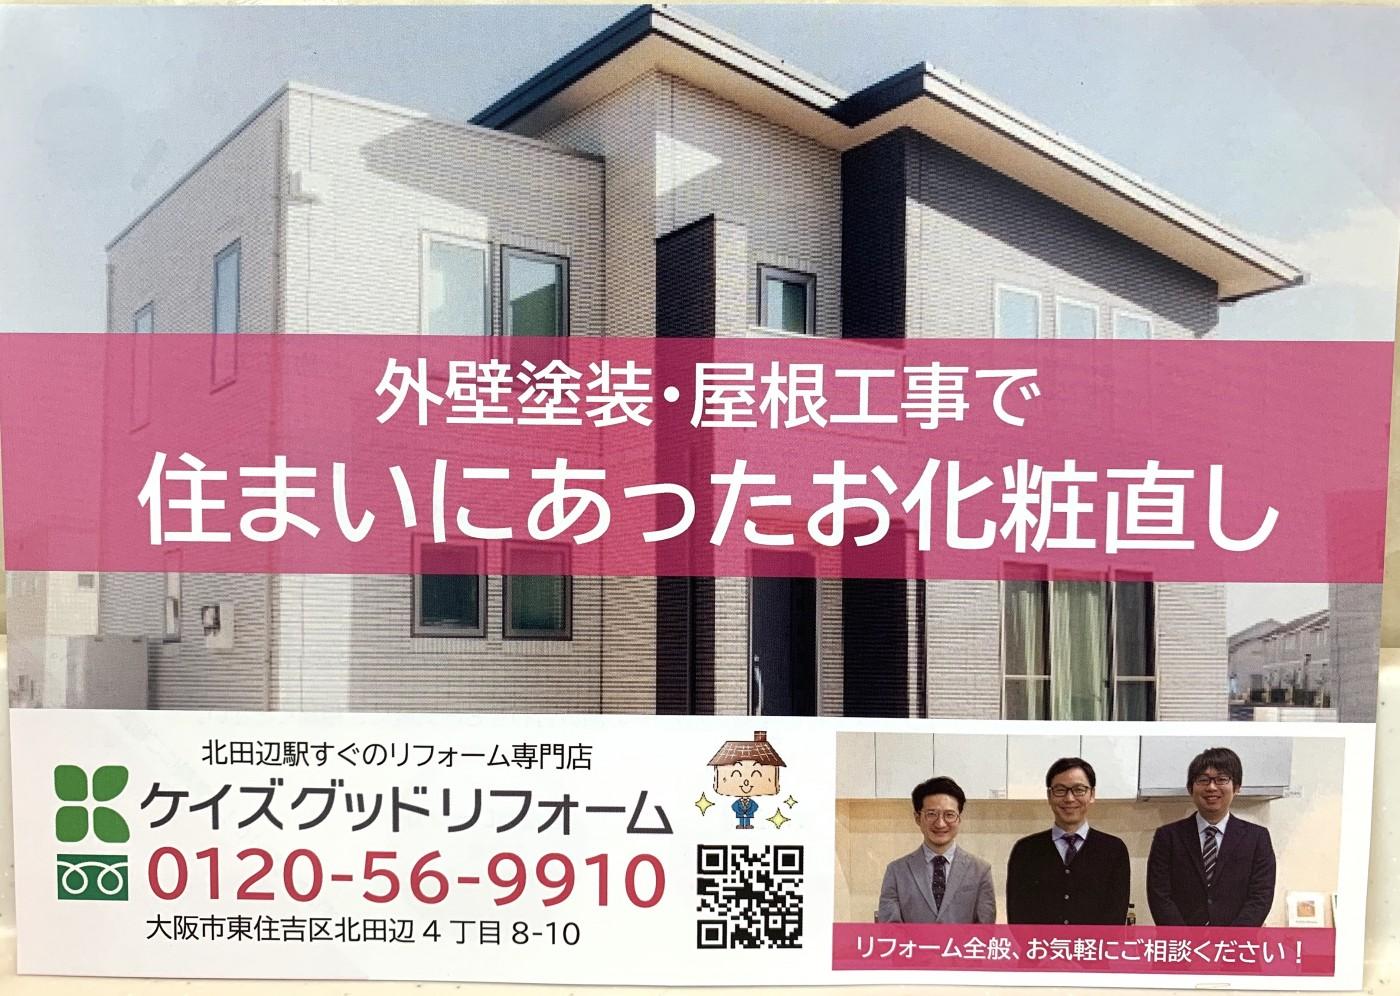 外壁塗装 屋根塗装 住まいにあったお化粧直し 大阪市東住吉区ケイズグッドリフォーム